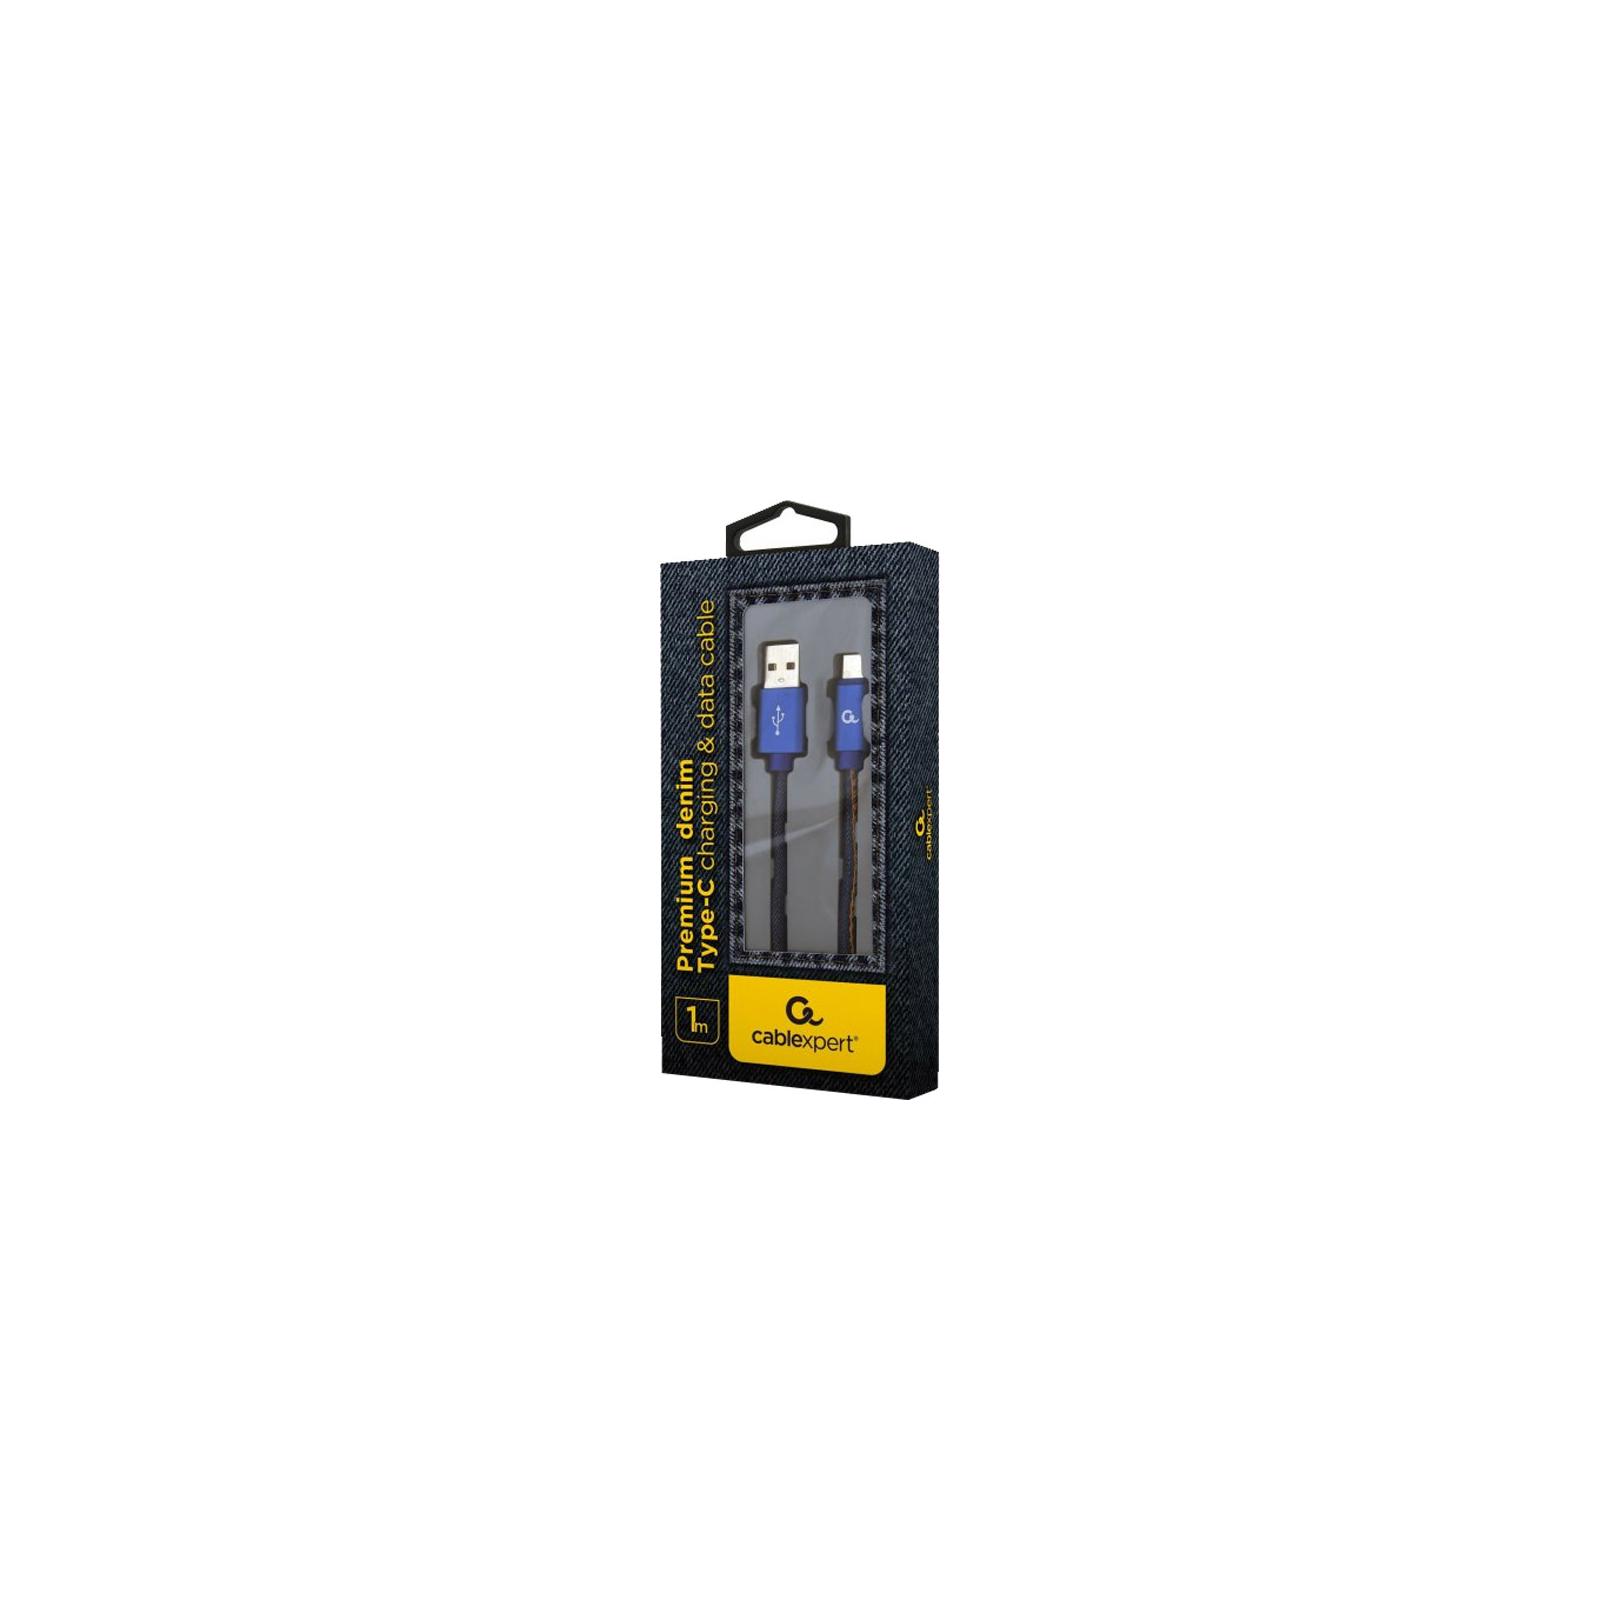 Дата кабель USB 2.0 AM to Type-C 1.0m Cablexpert (CC-USB2J-AMCM-1M-BL) изображение 2